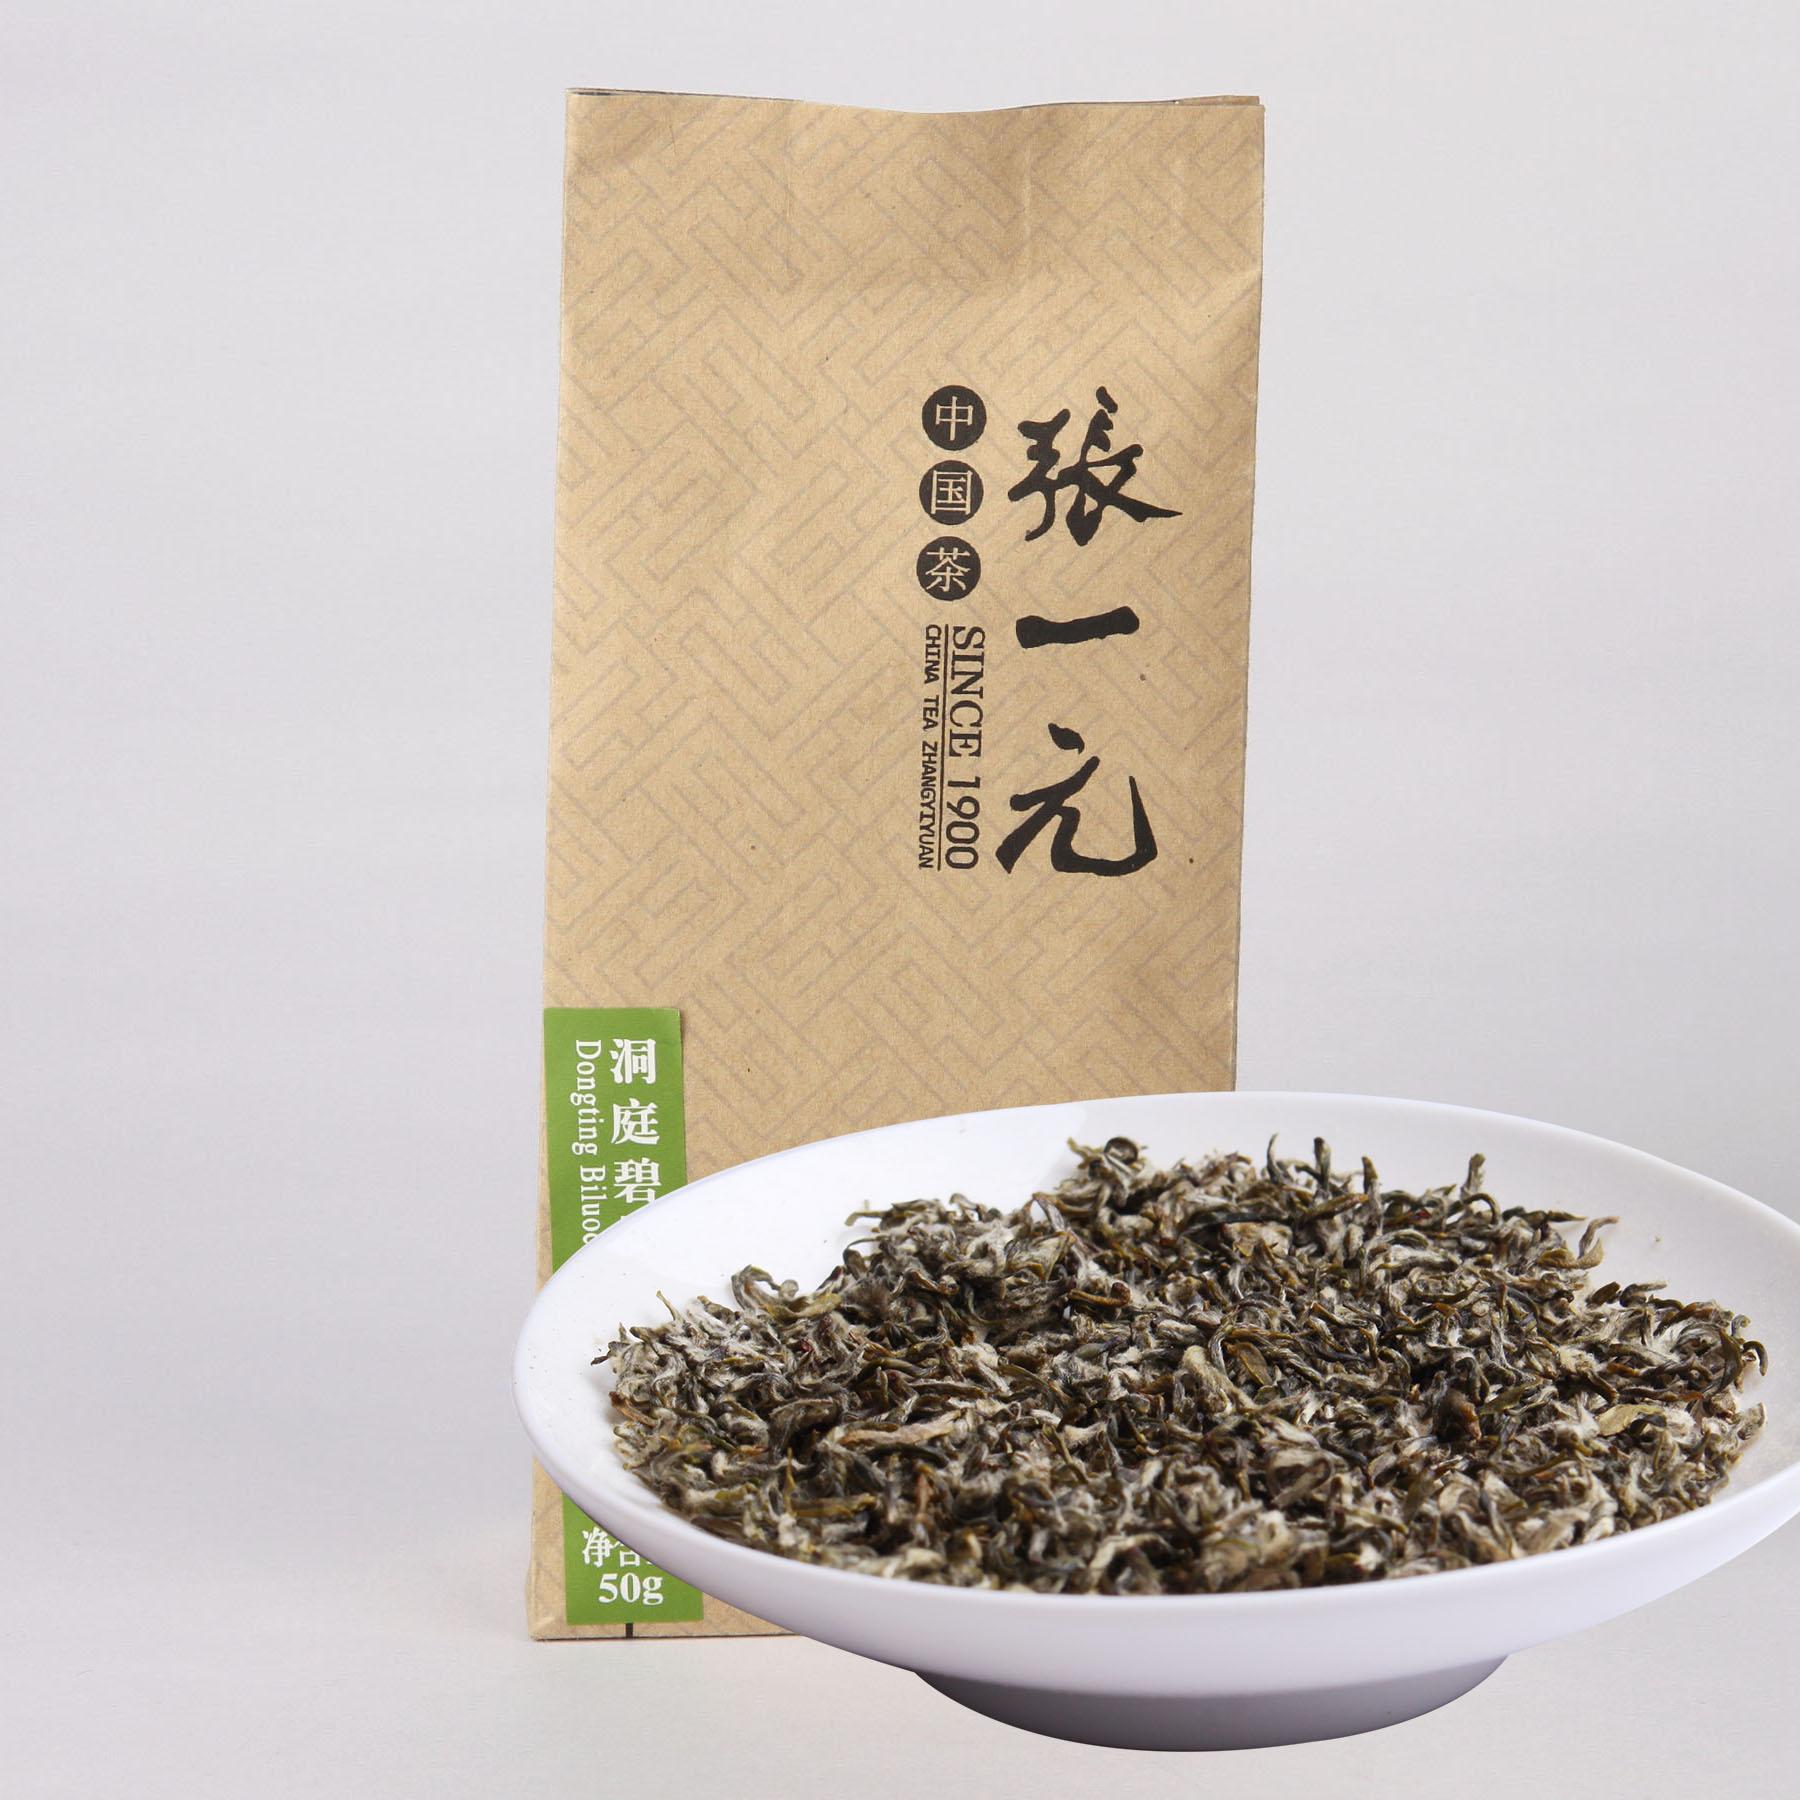 碧螺春特一级1号(2016)绿茶价格5600元/斤